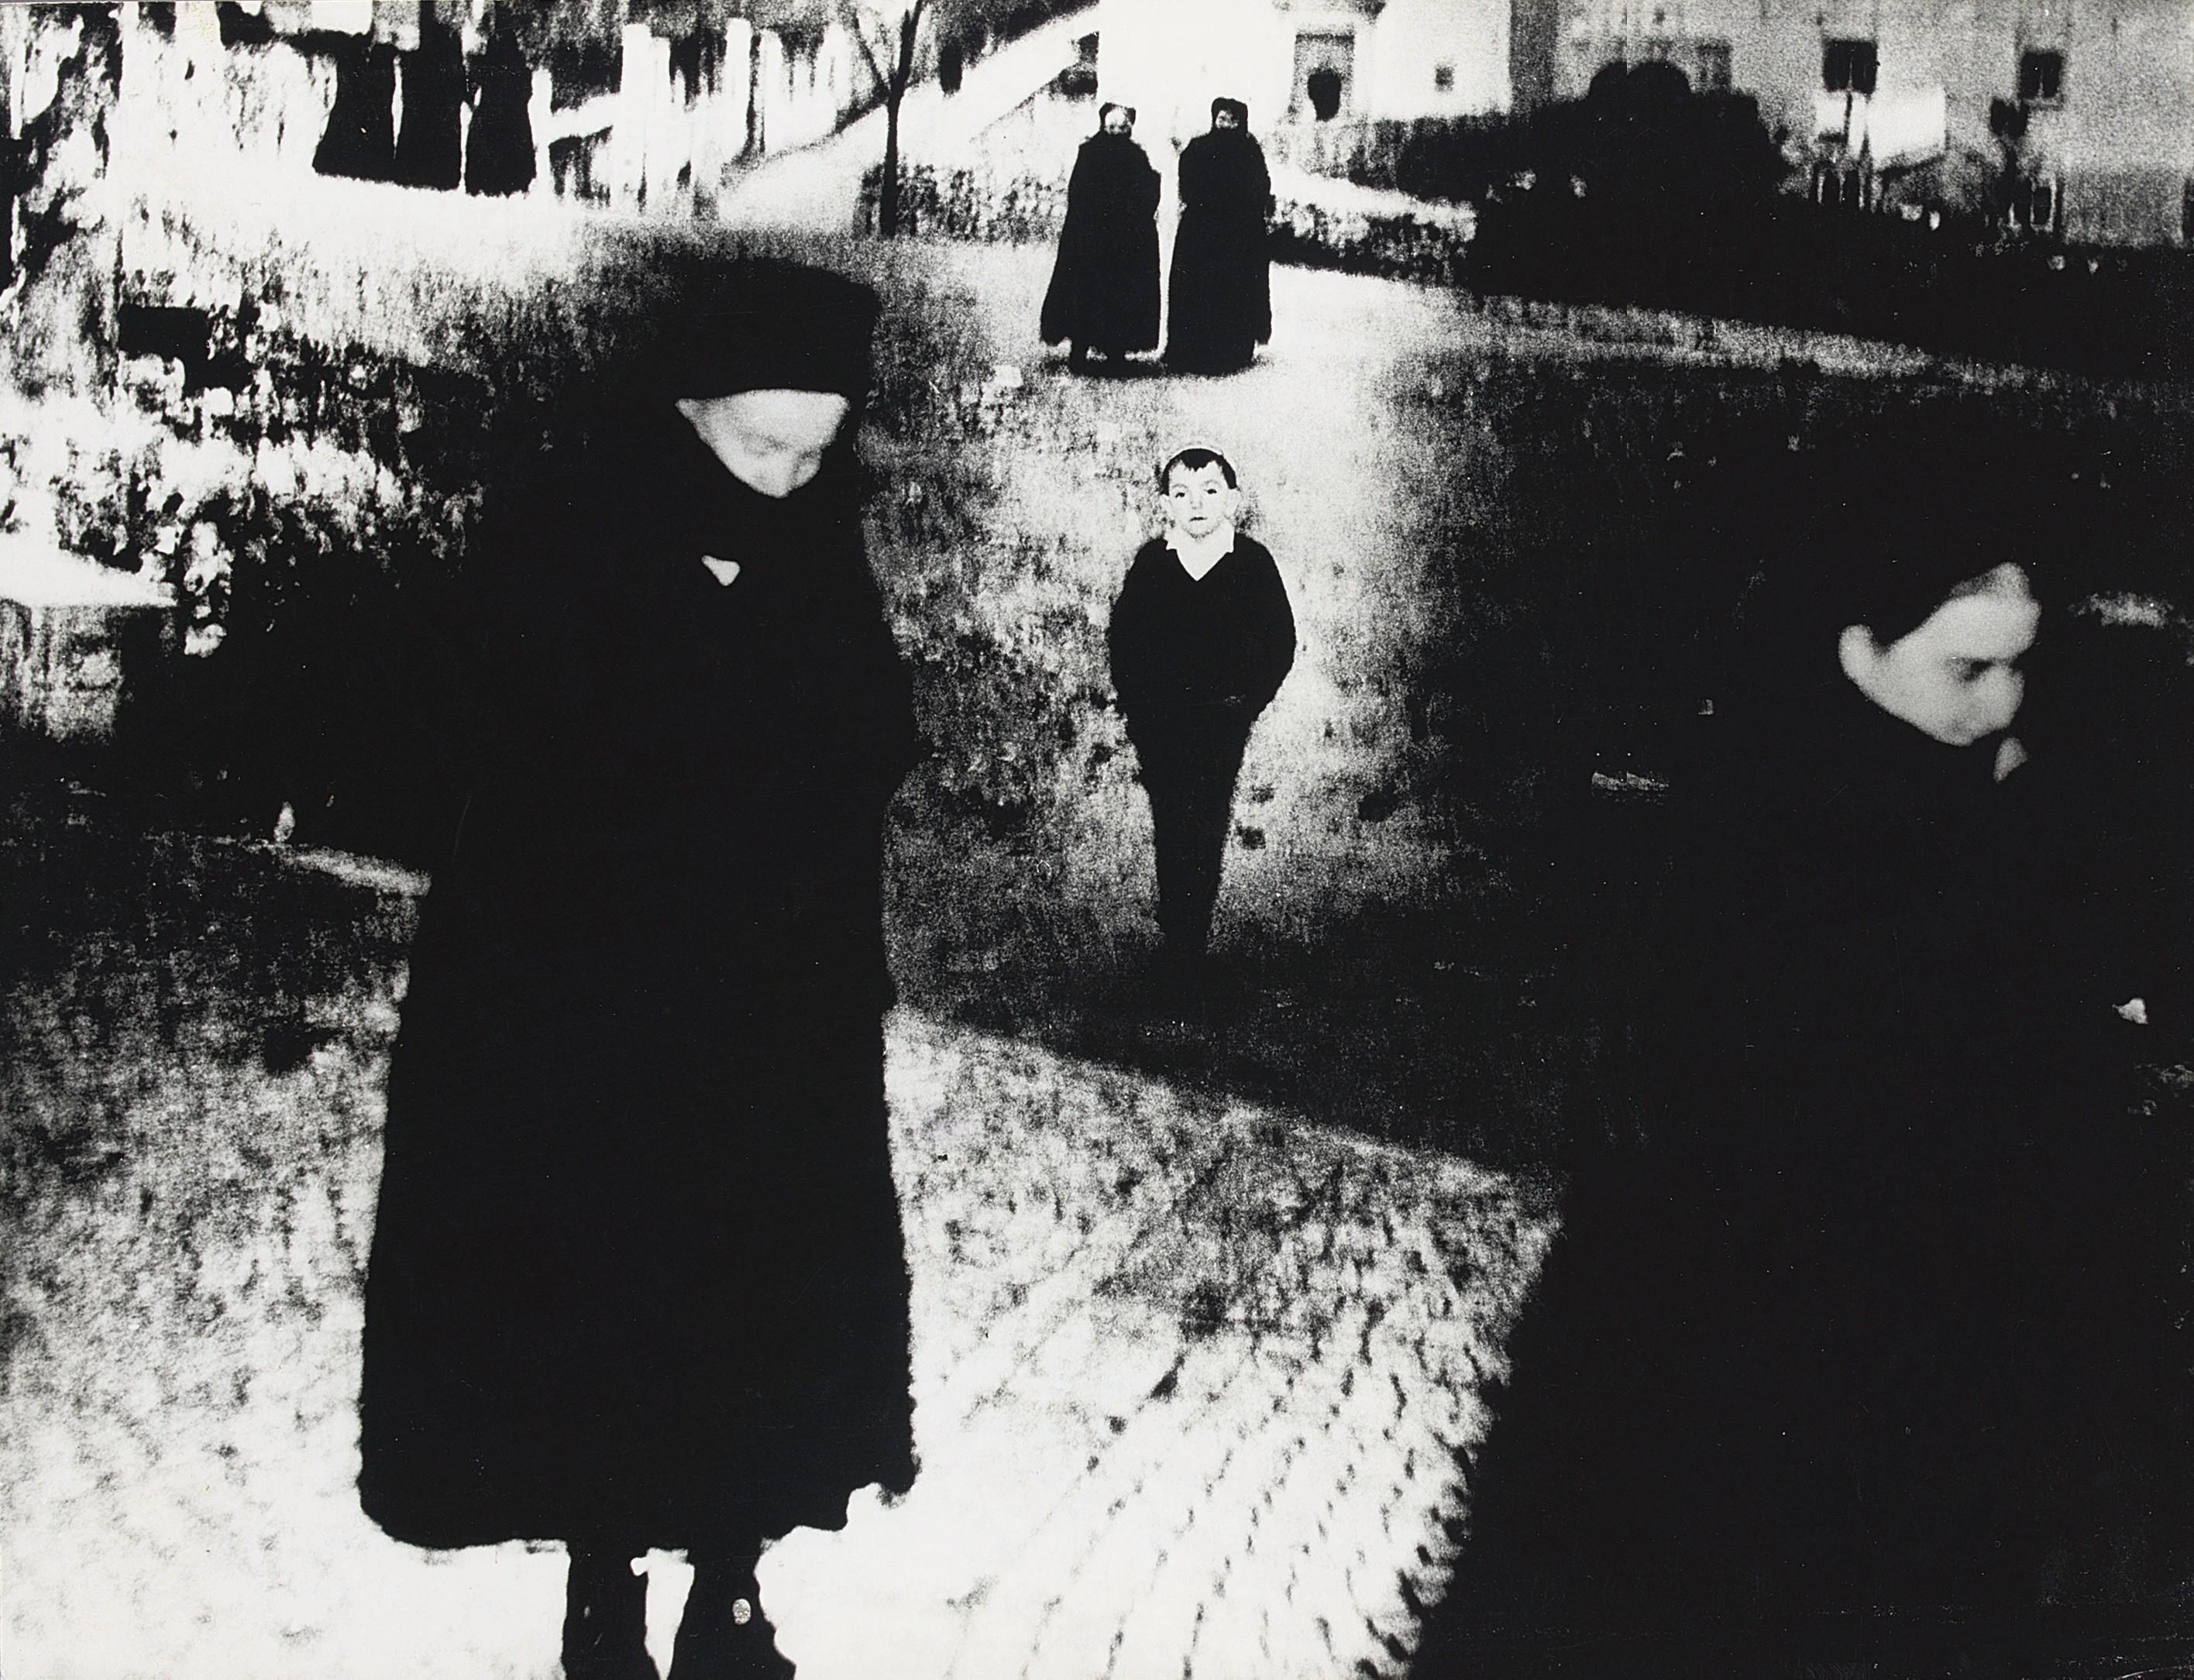 Сканно, Италия, 1957-1959. Фотограф Марио Джакомелли